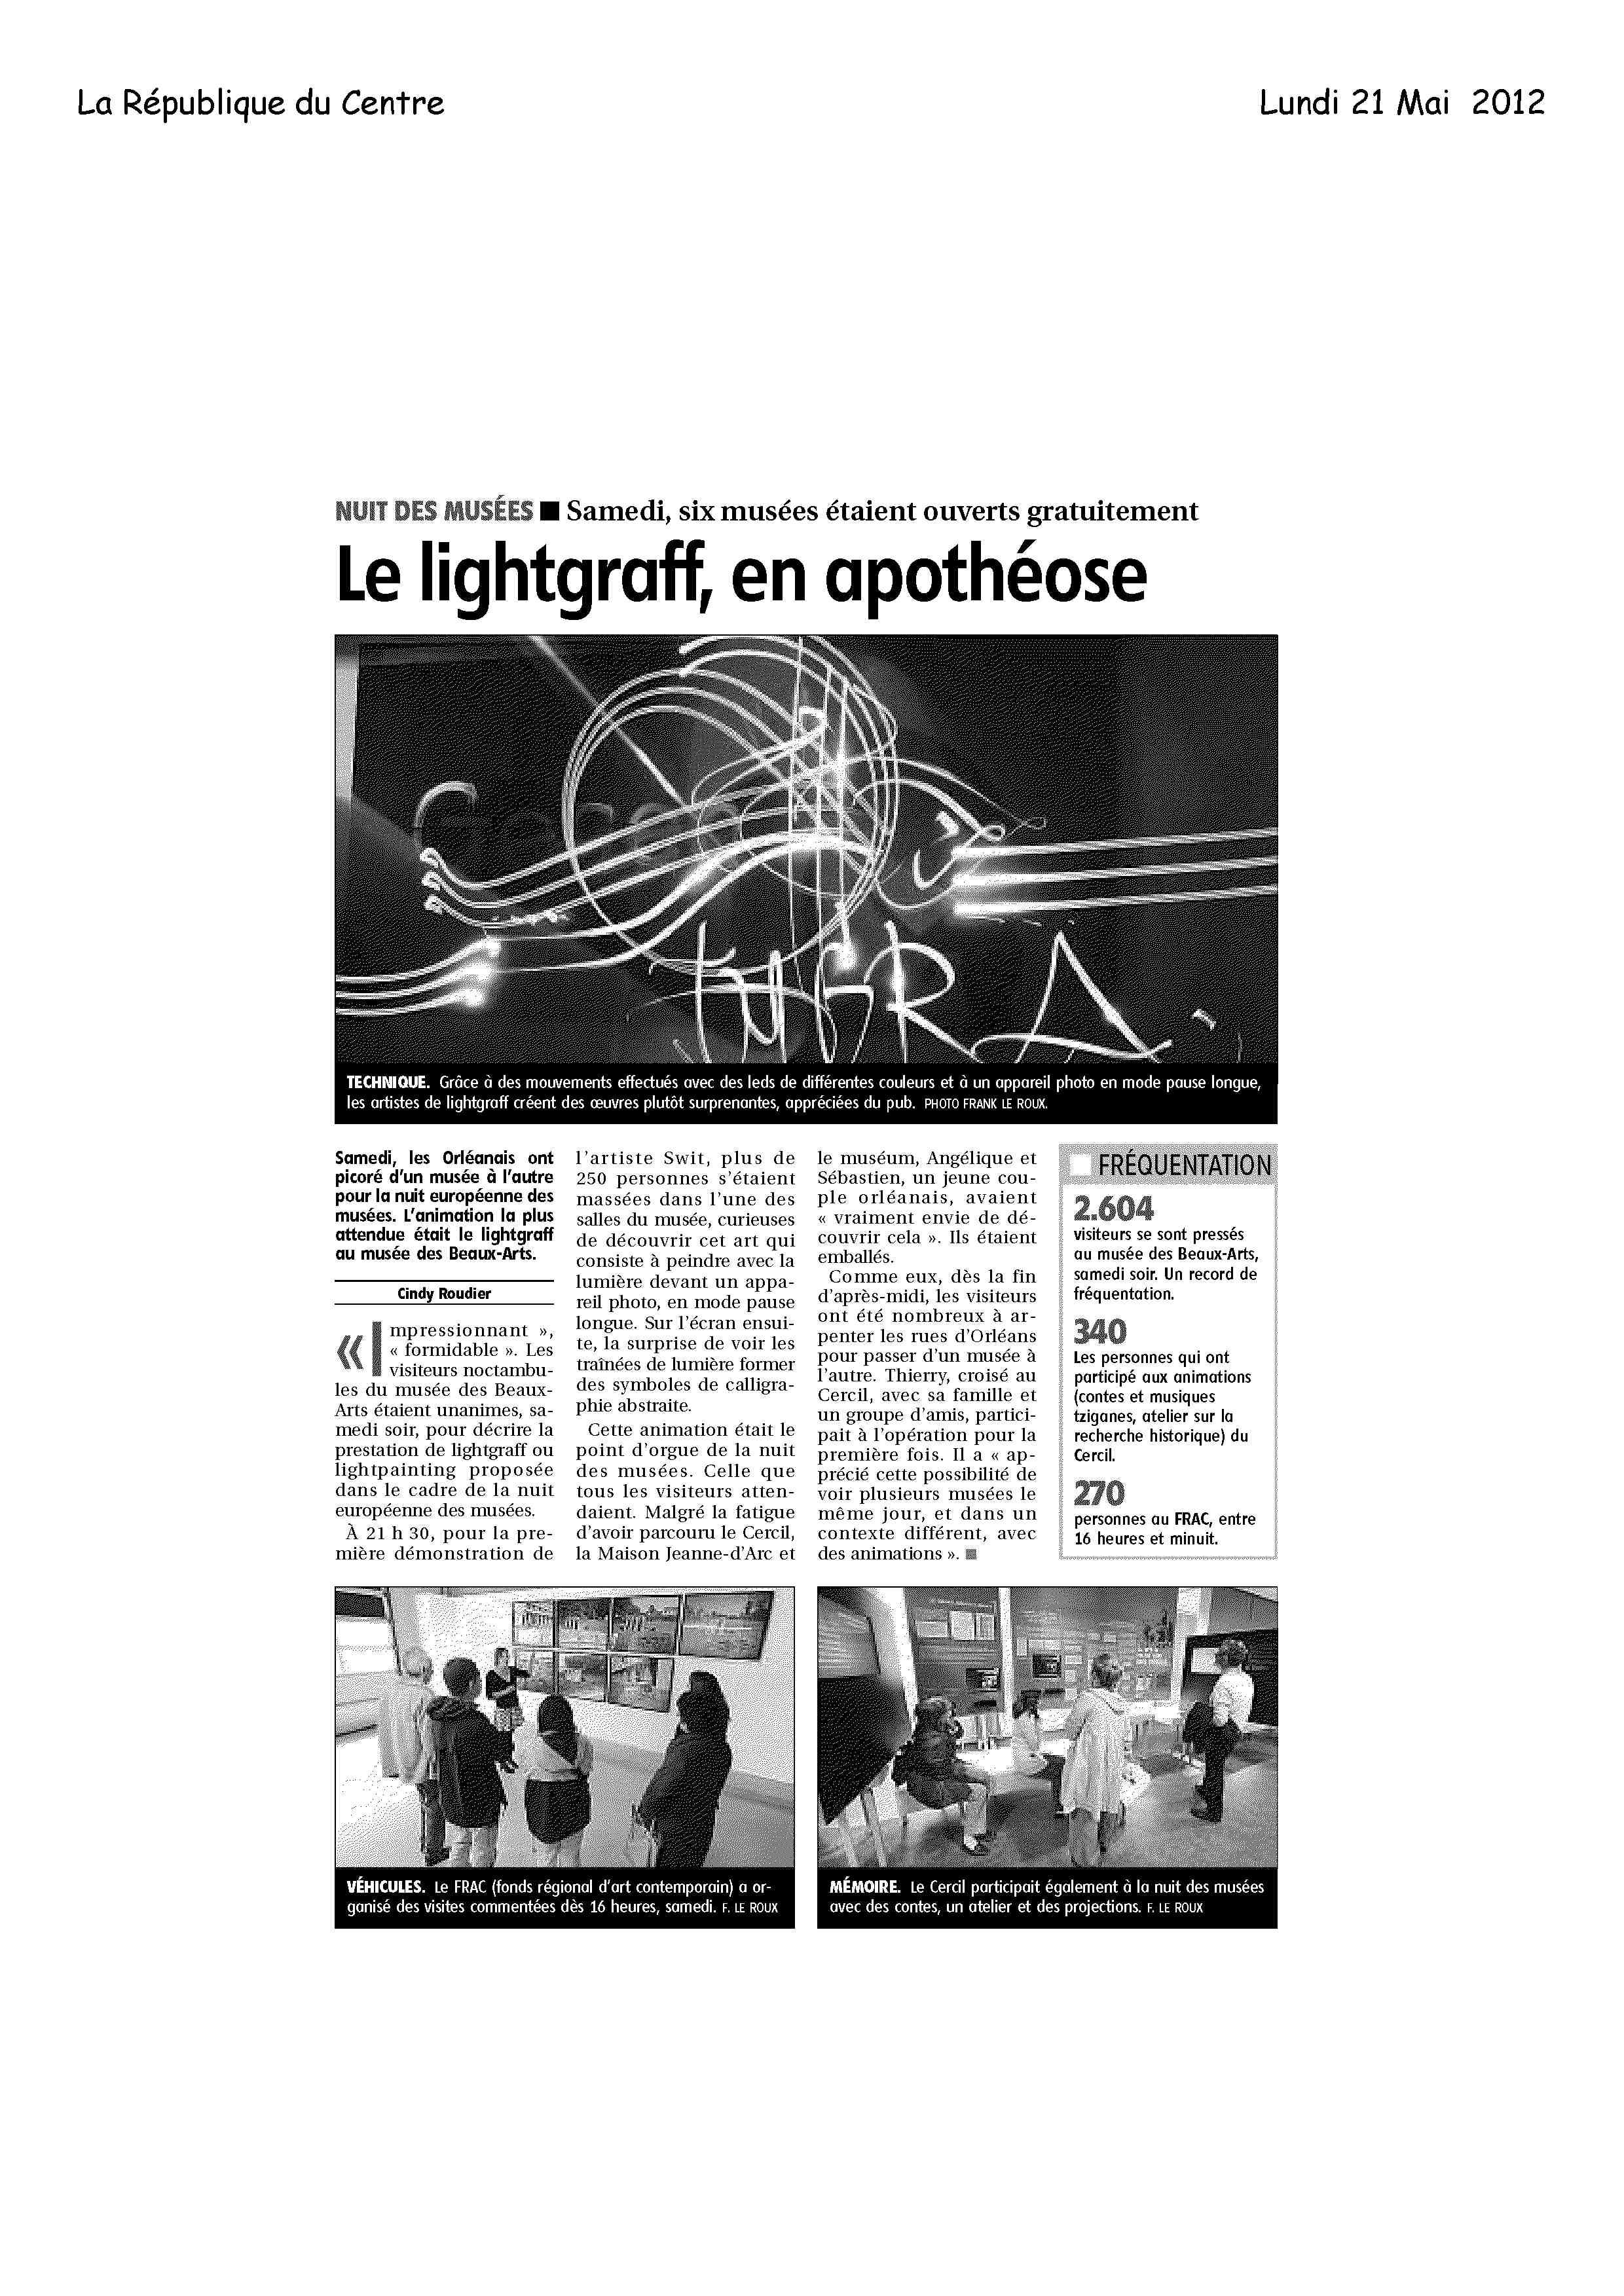 Article Nuit des Musées Orleans